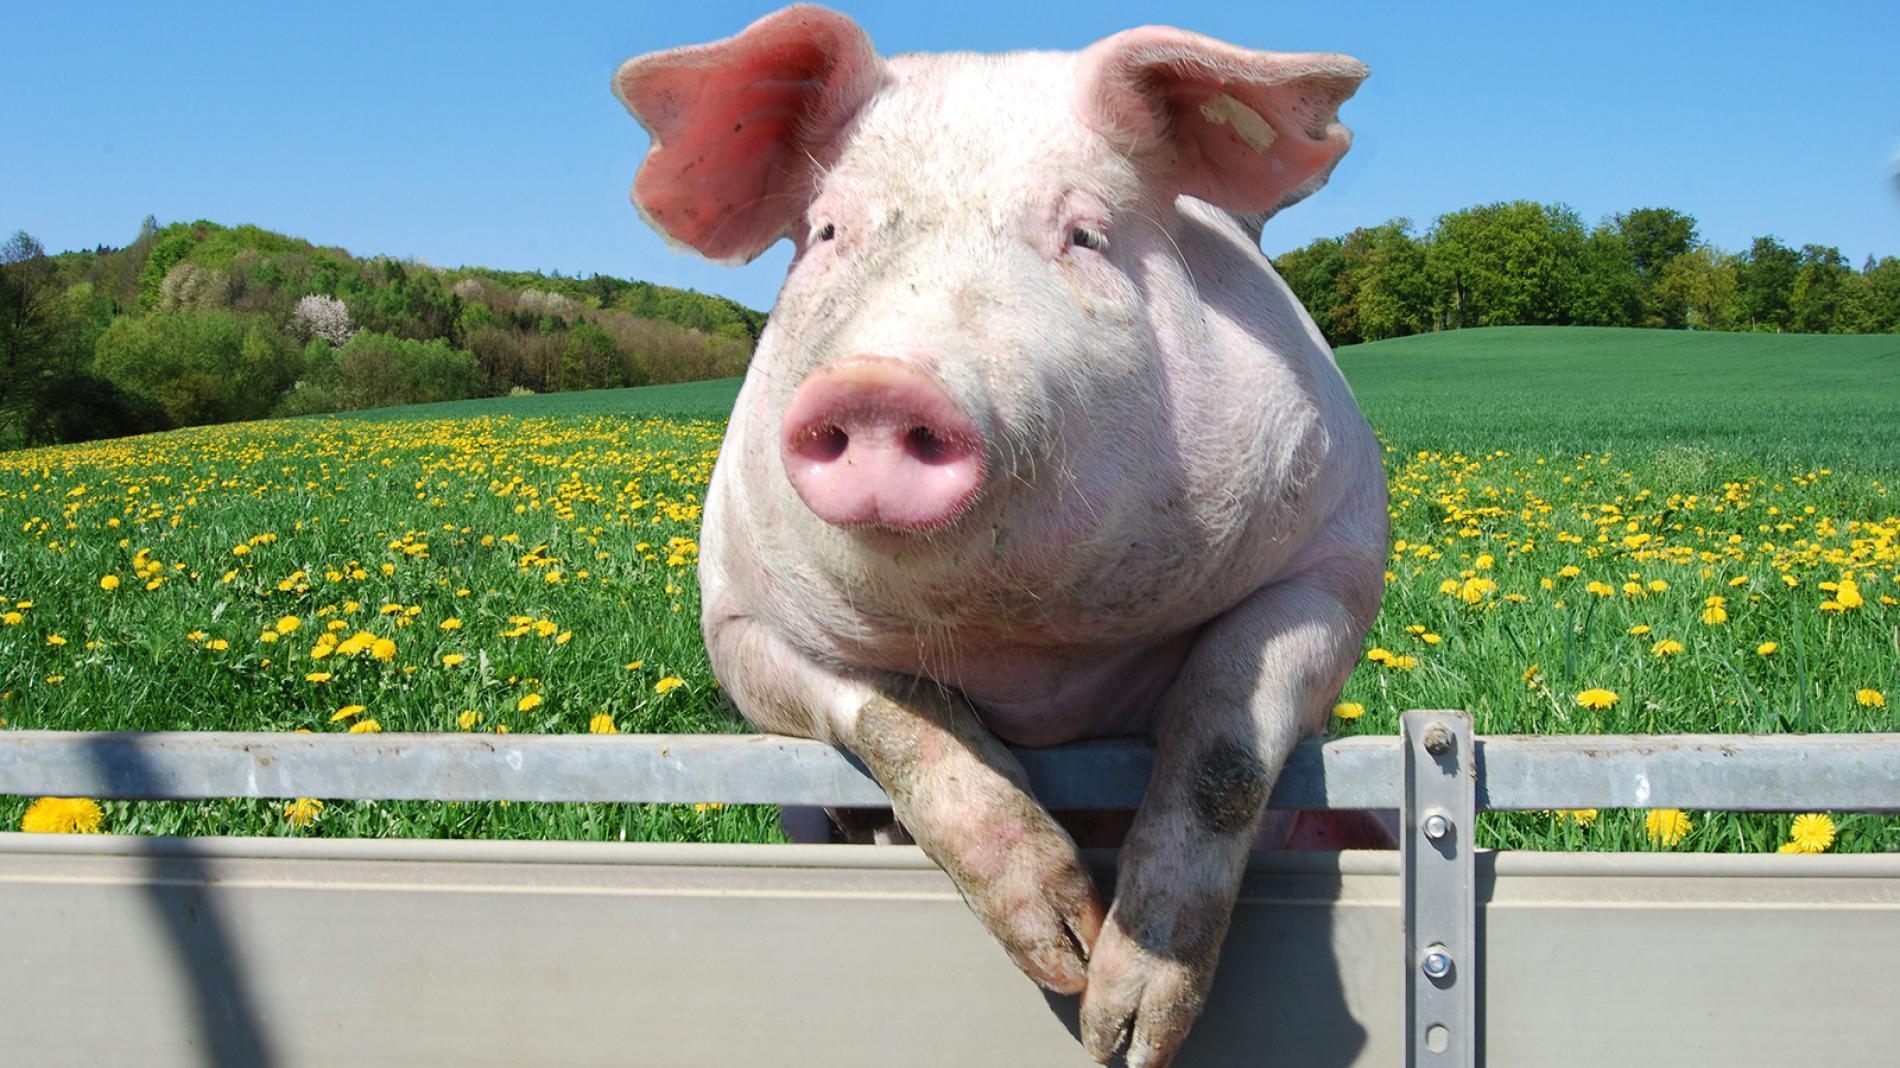 3月27日猪价,生猪产能未完全恢复,下跌只是暂时的,猪价高位难以撼动!